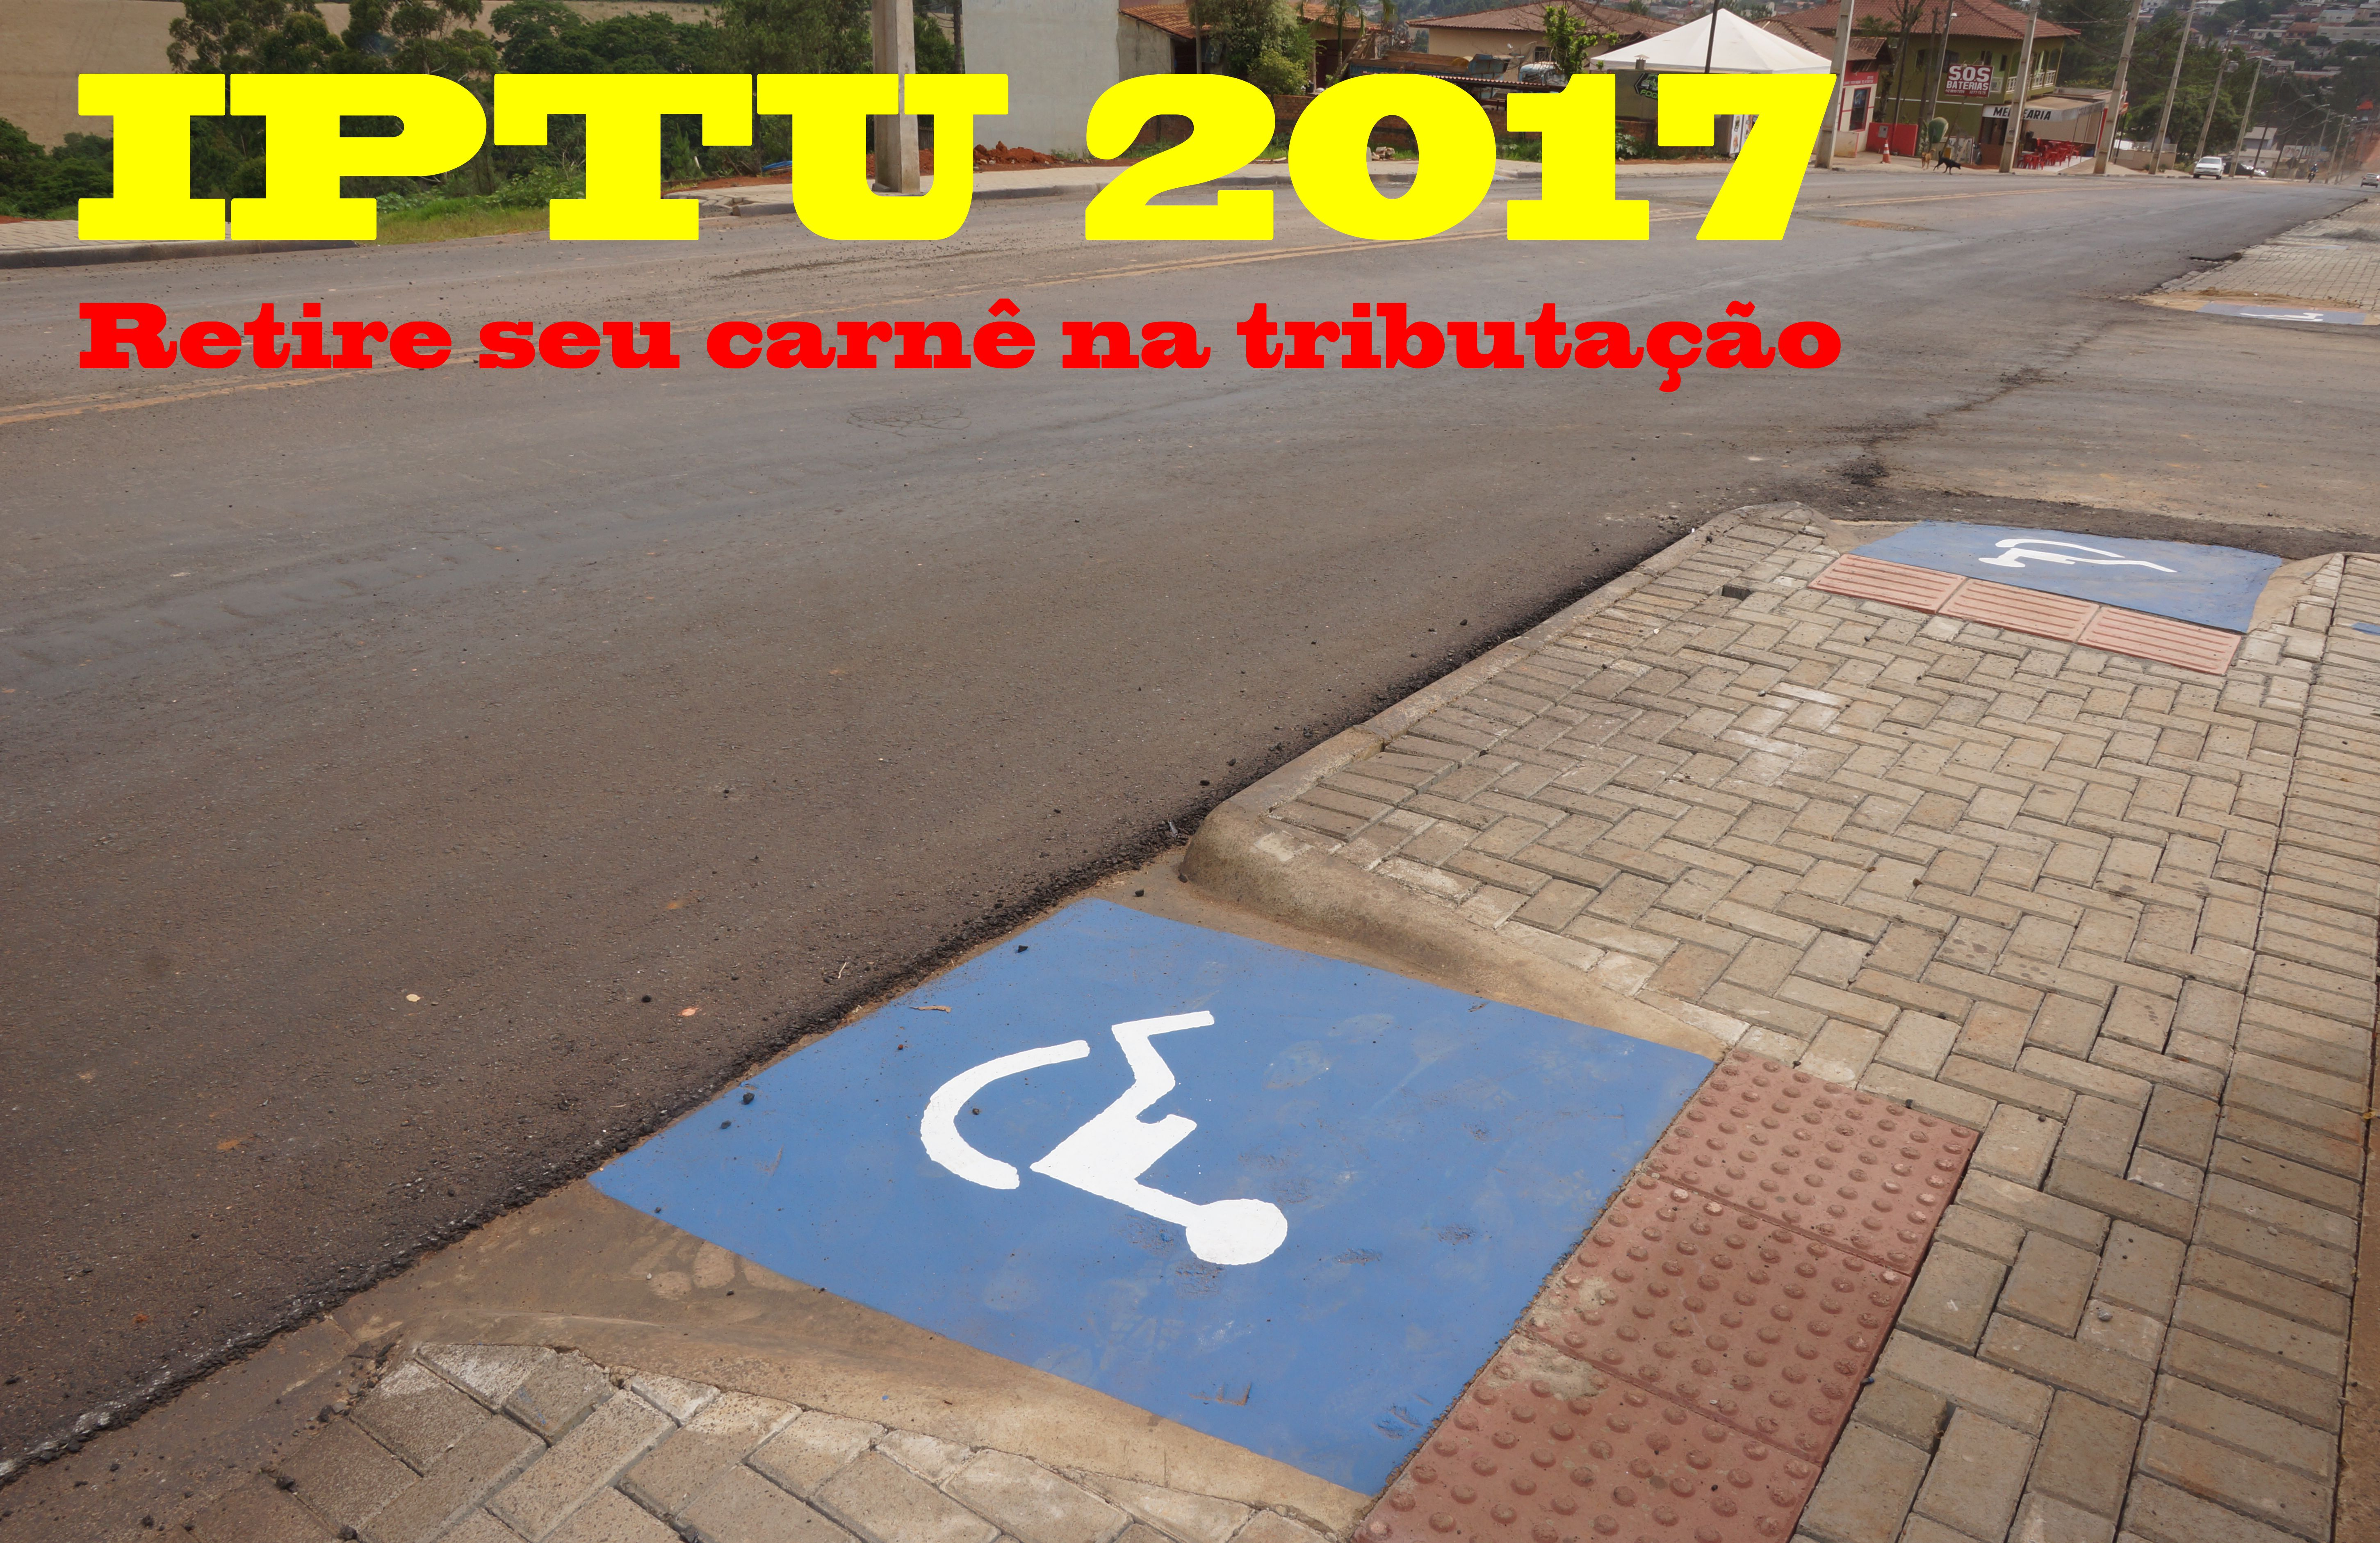 Carnês do IPTU já podem ser retirados na tributação